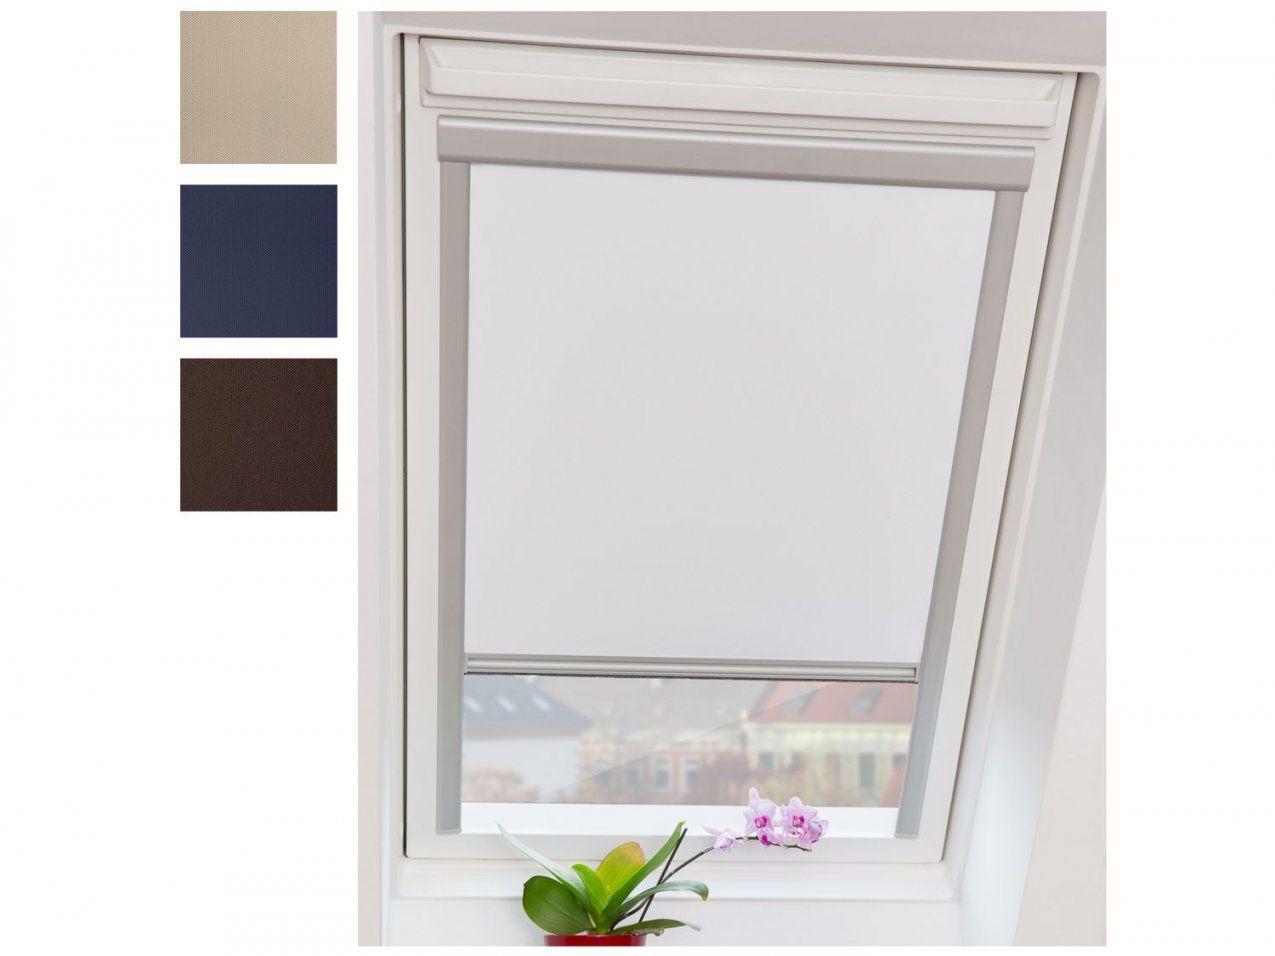 Lichtblick Dachfensterrollo Skylight Thermo Verdunkelung  Lidl von Rollos Ohne Bohren Günstig Bild